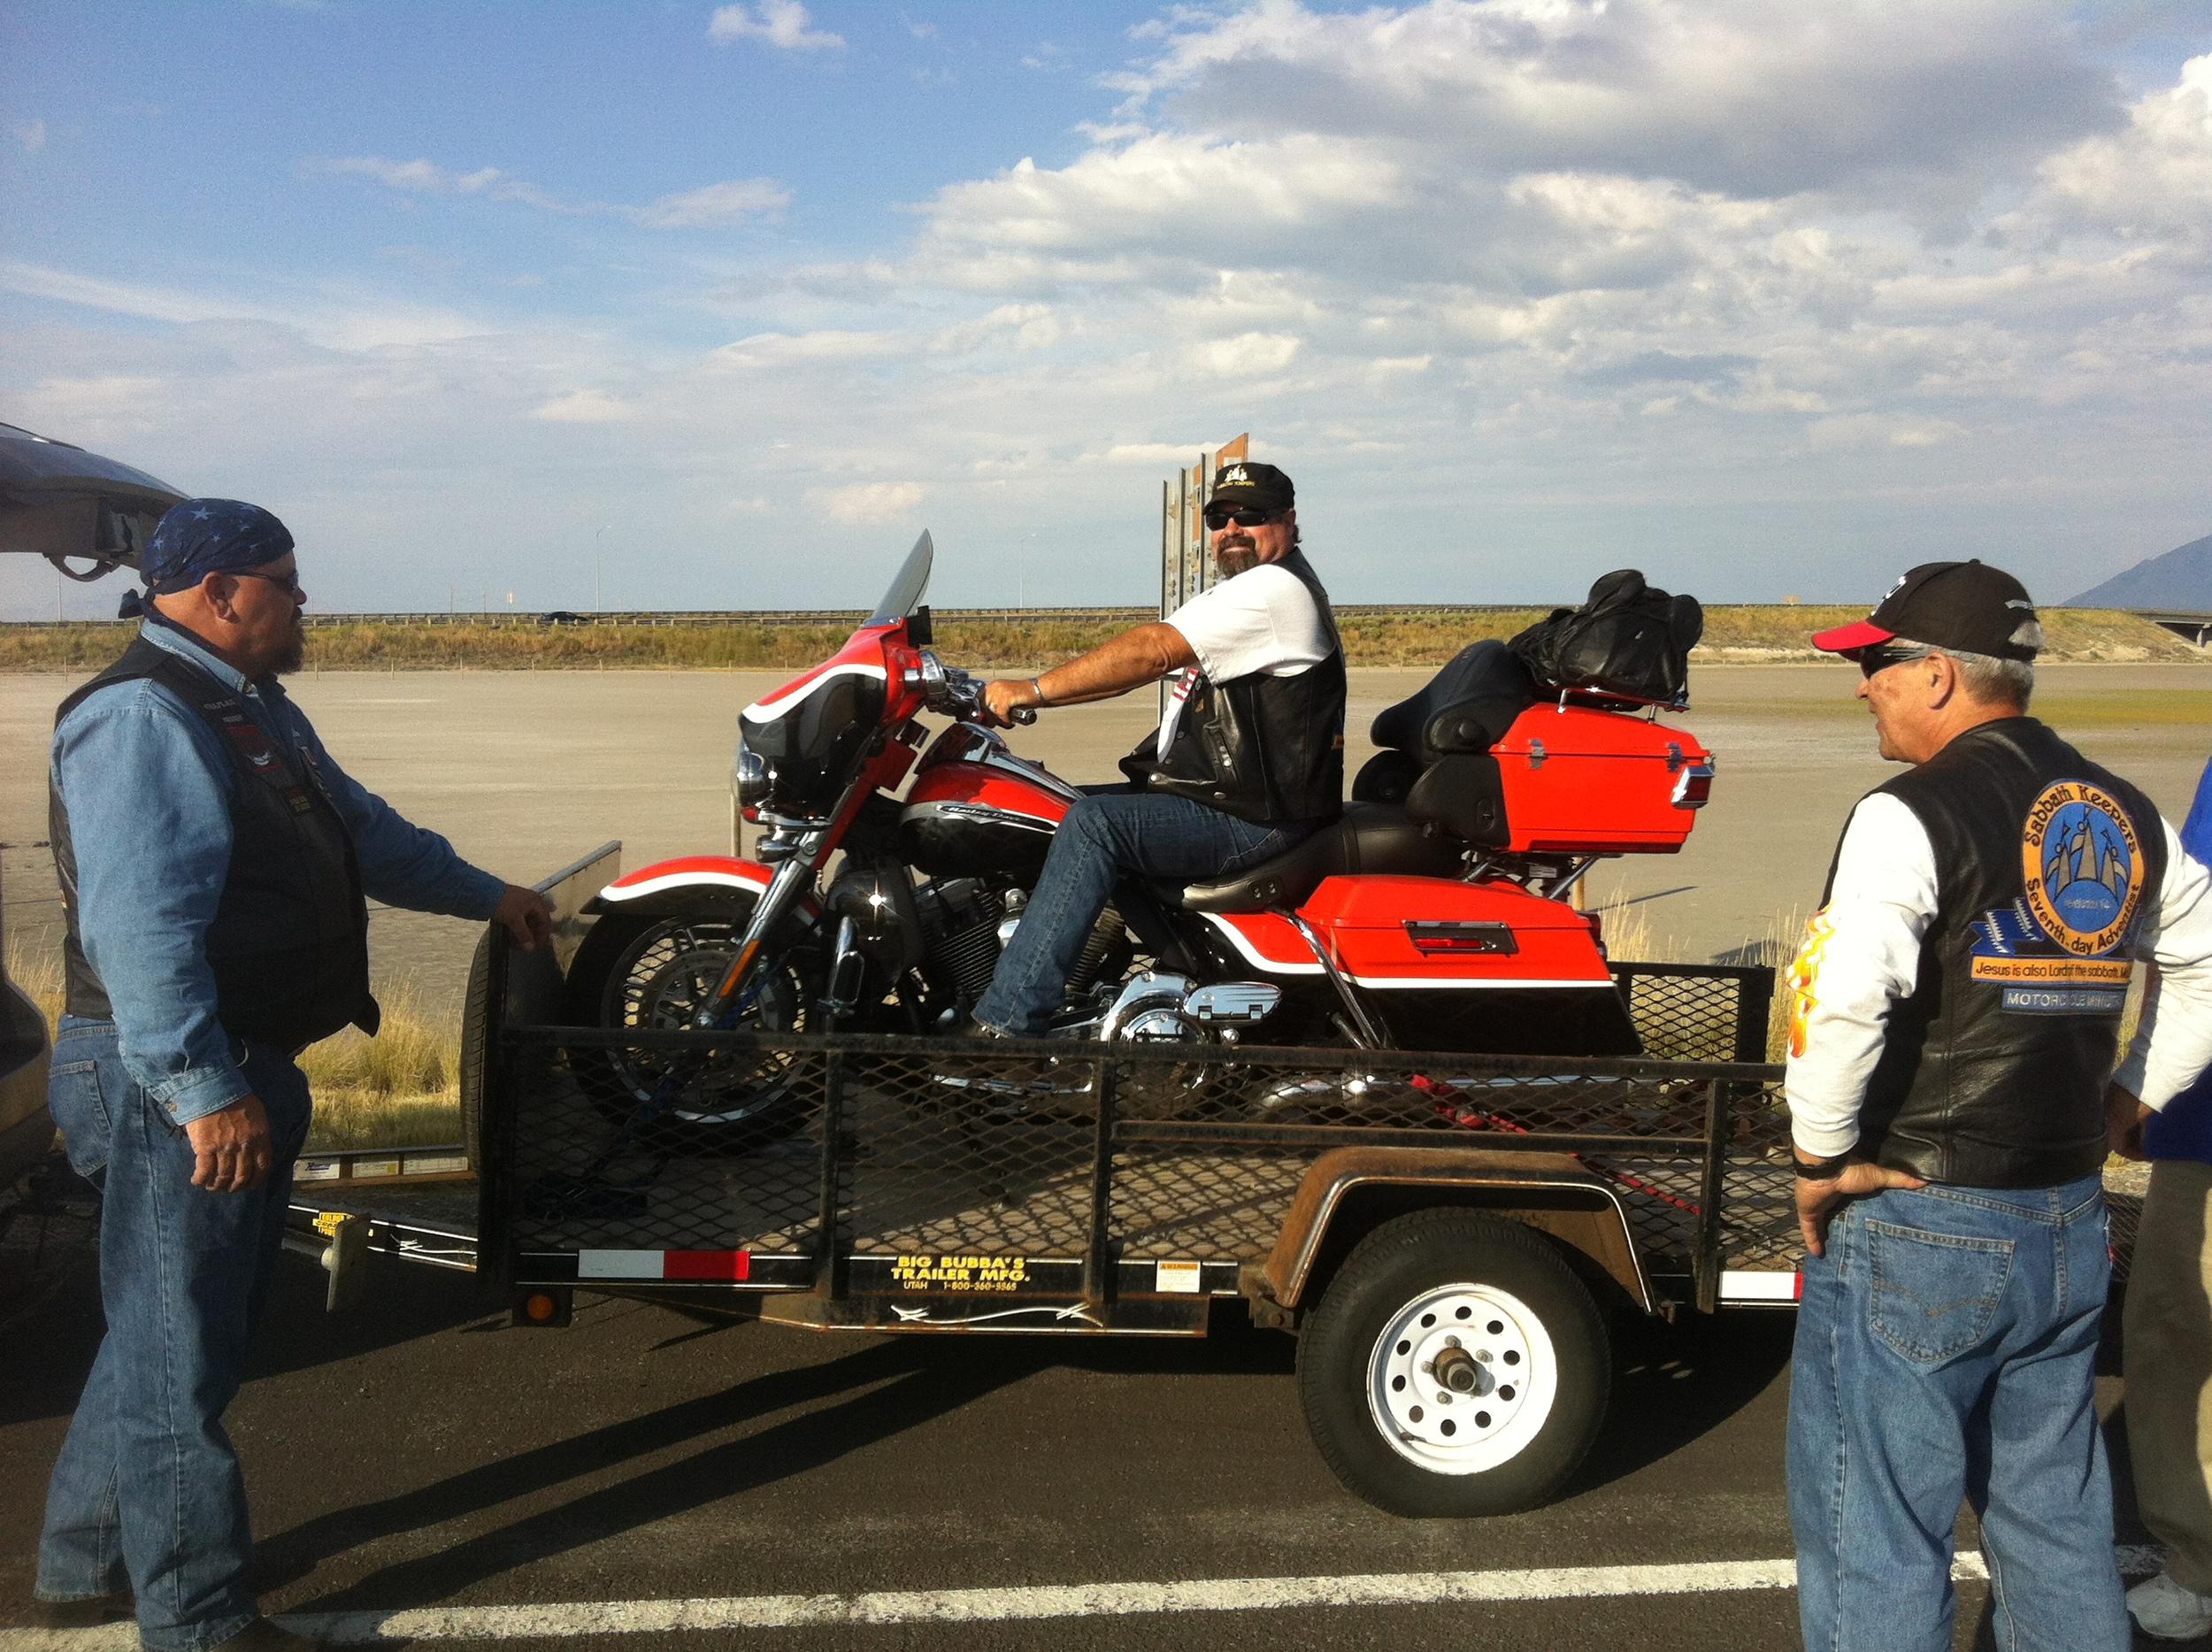 From left to right: Keith Cordis, Tony Lambert, andAkira Toyama. Tony loads his bike onto Dave Holland's trailer.